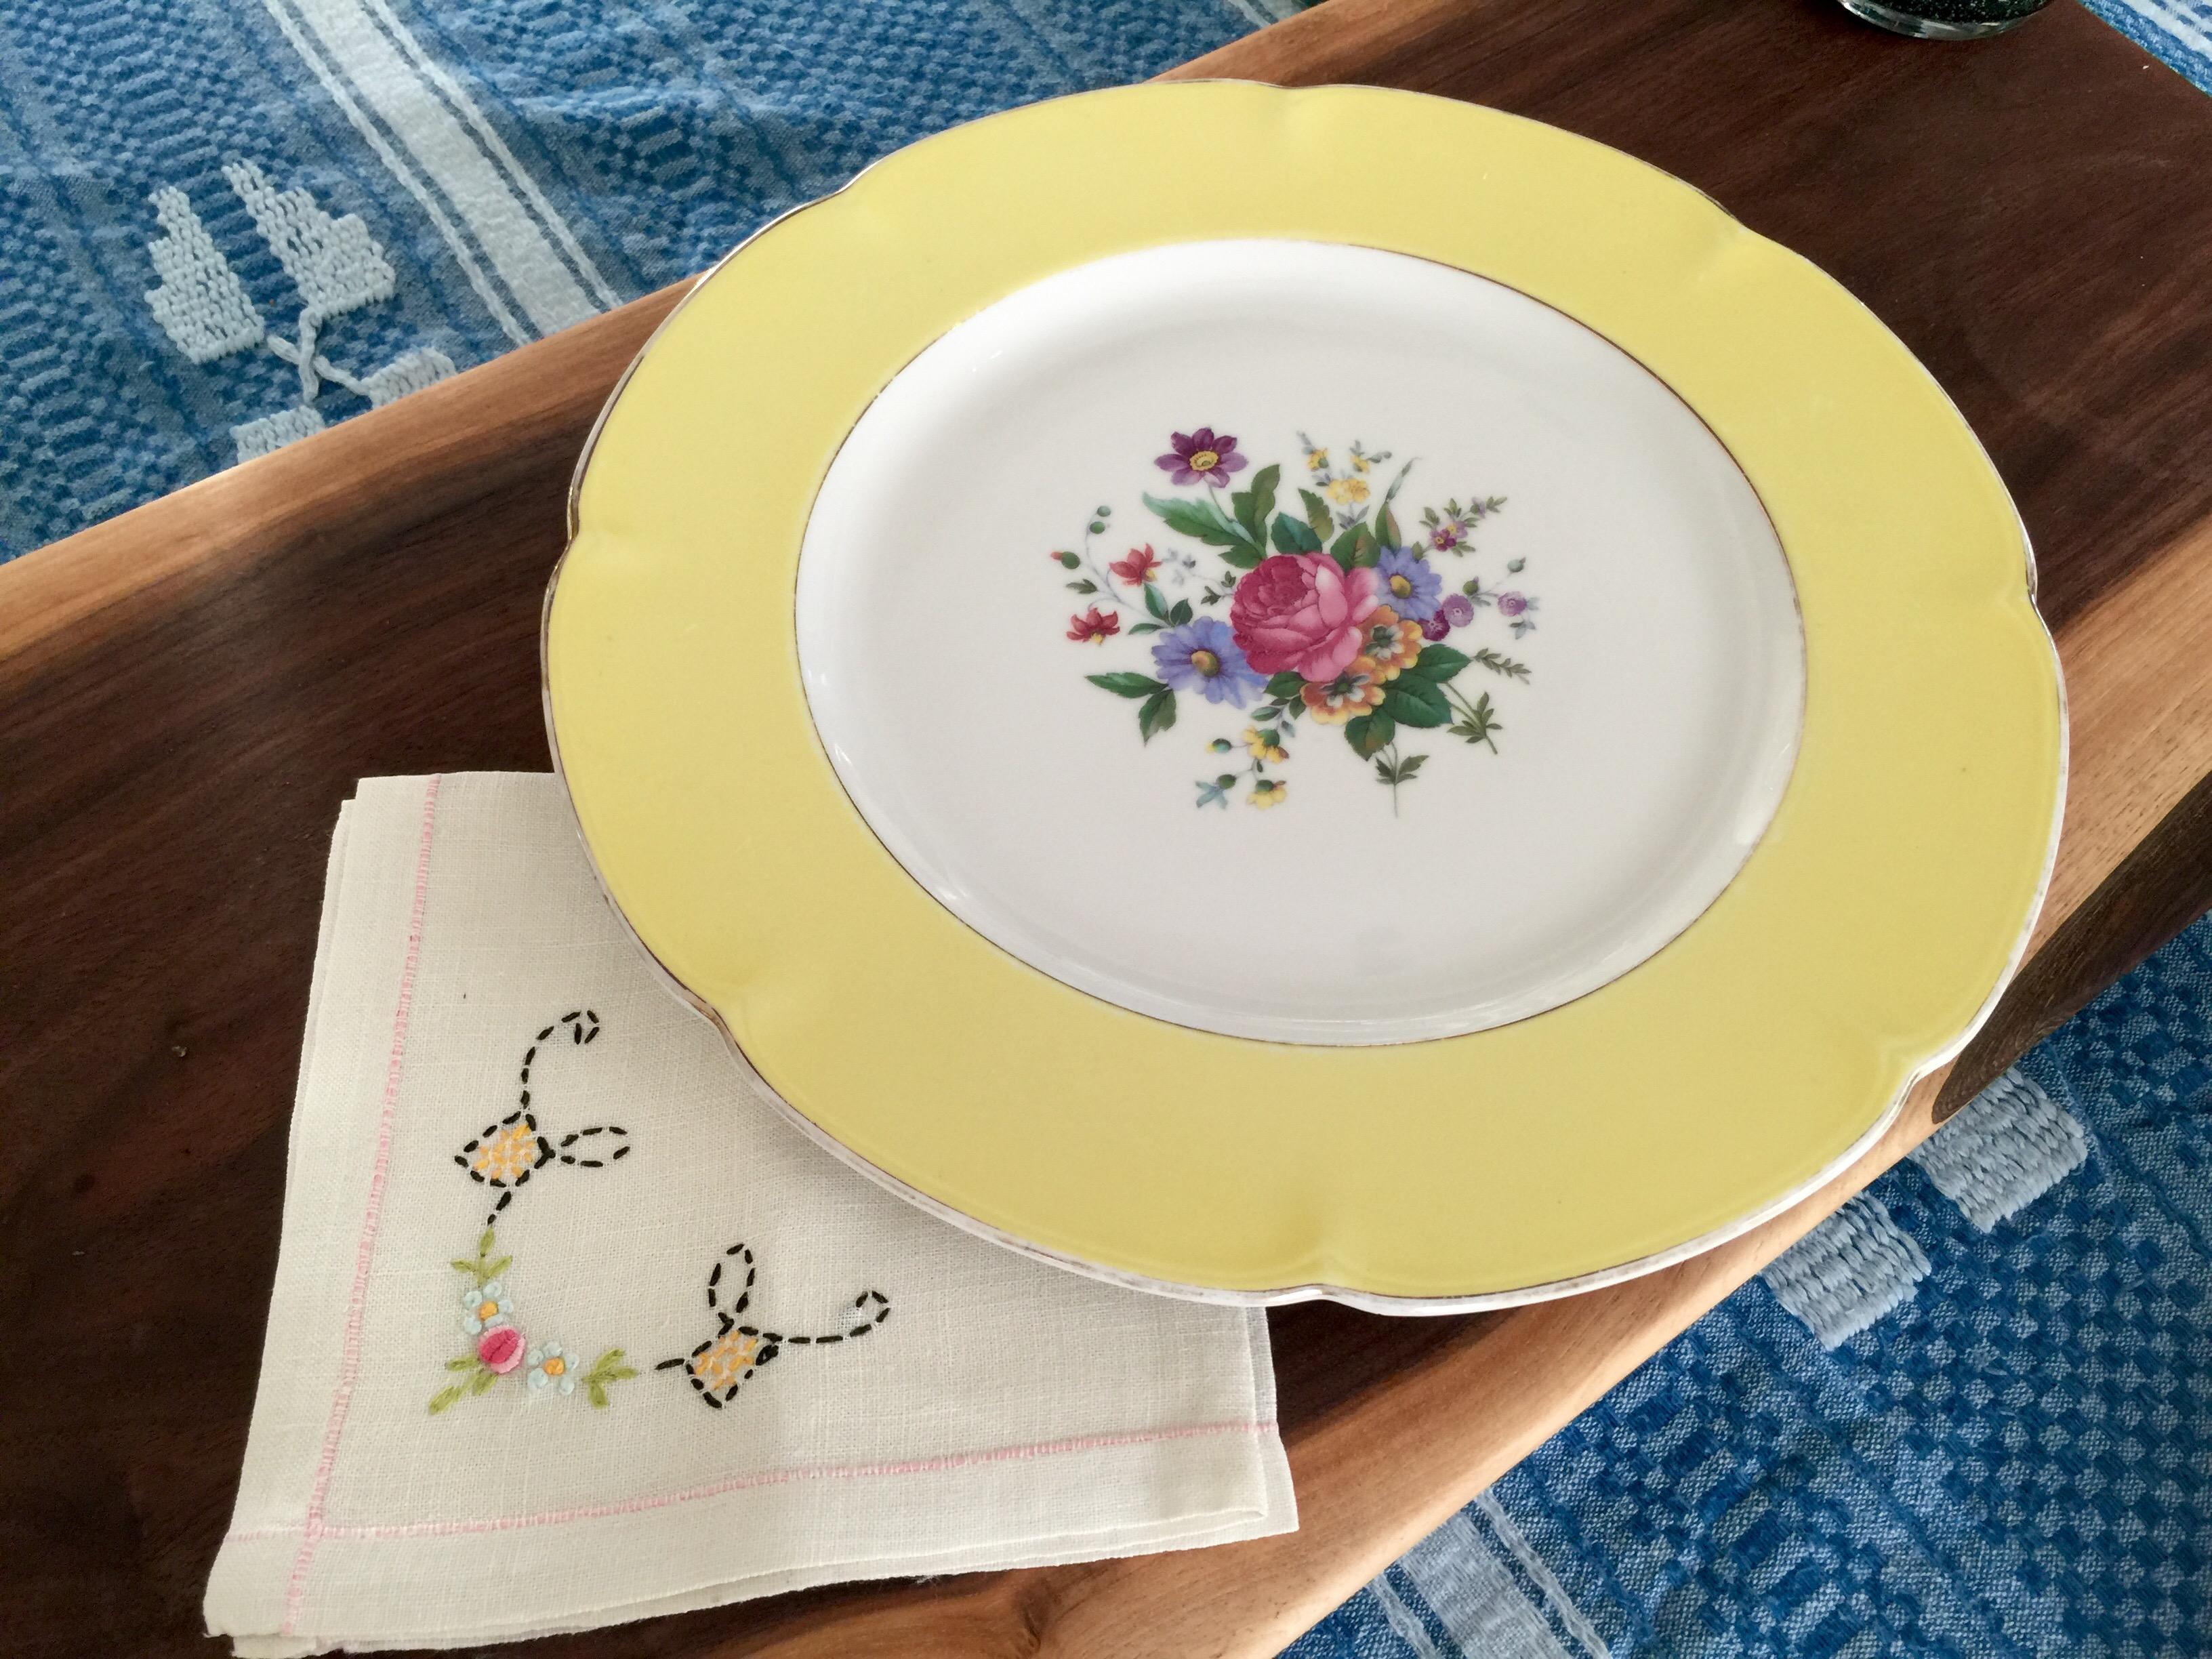 For Sale :: Vintage Royal Bayreuth Cake Plate; $18